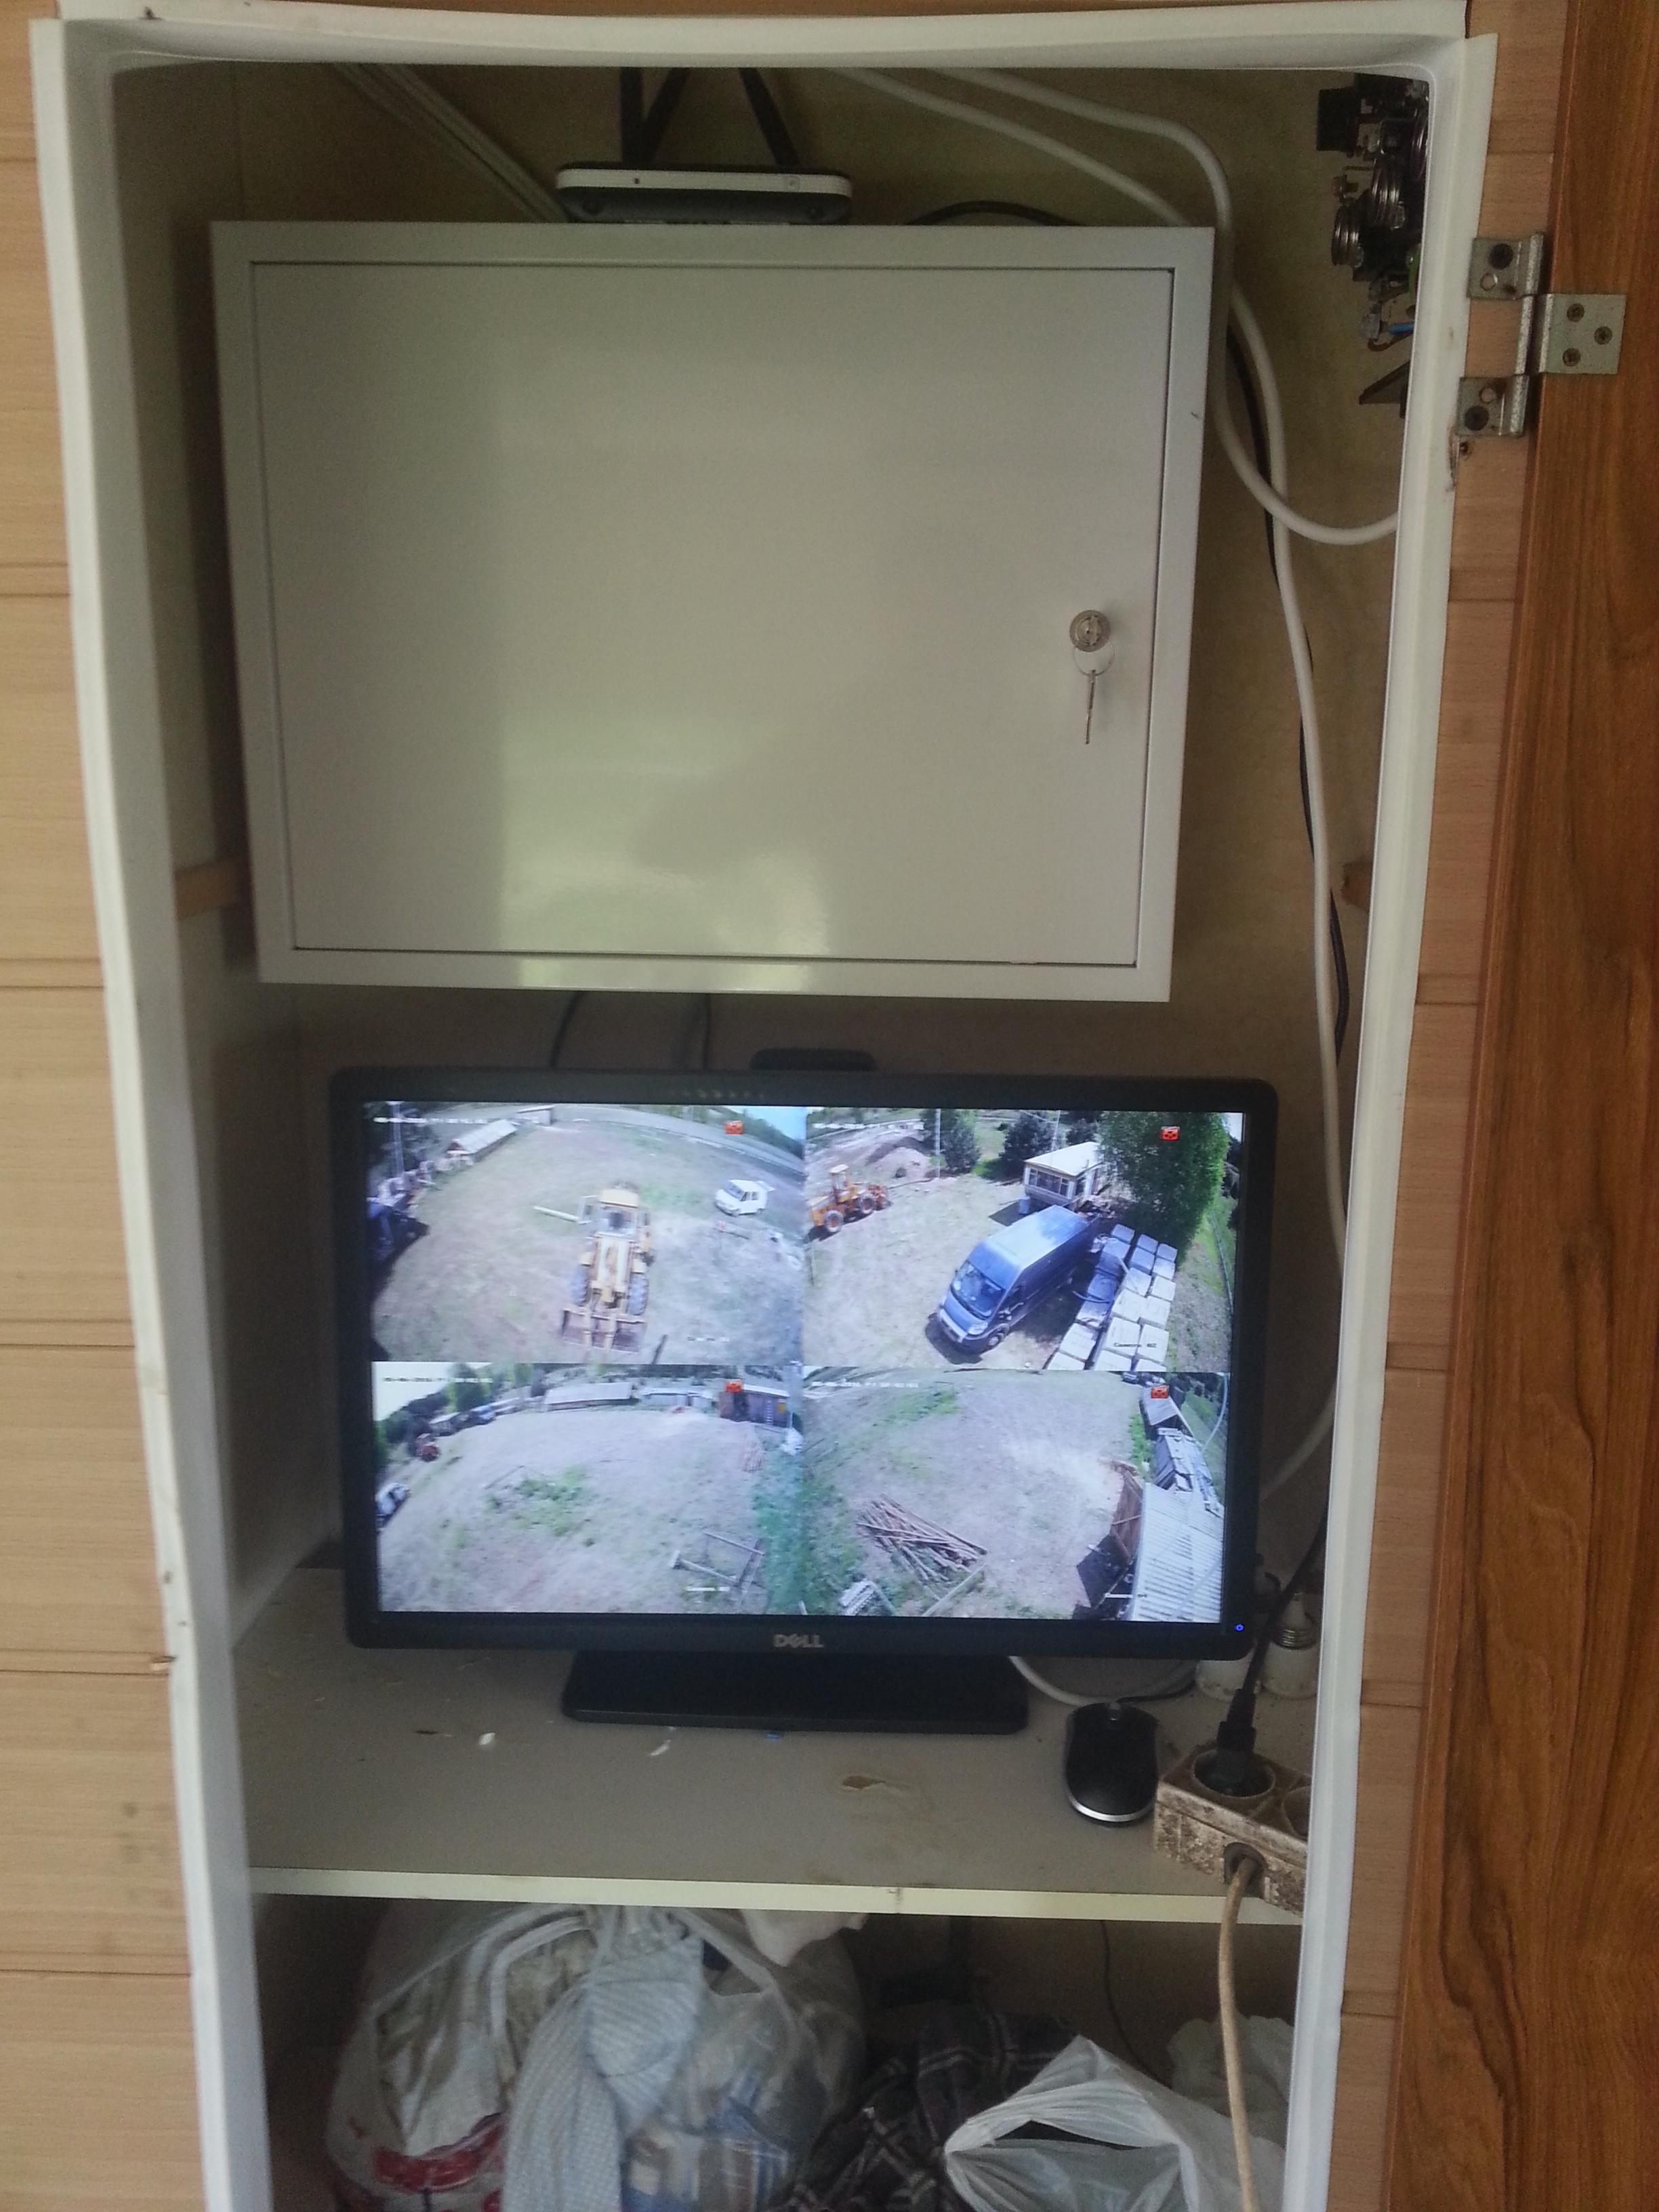 monitoring placu budowy hikvision full hd kamery turbo hd stalowa wola nisko monitoring budowy przez internet infomech